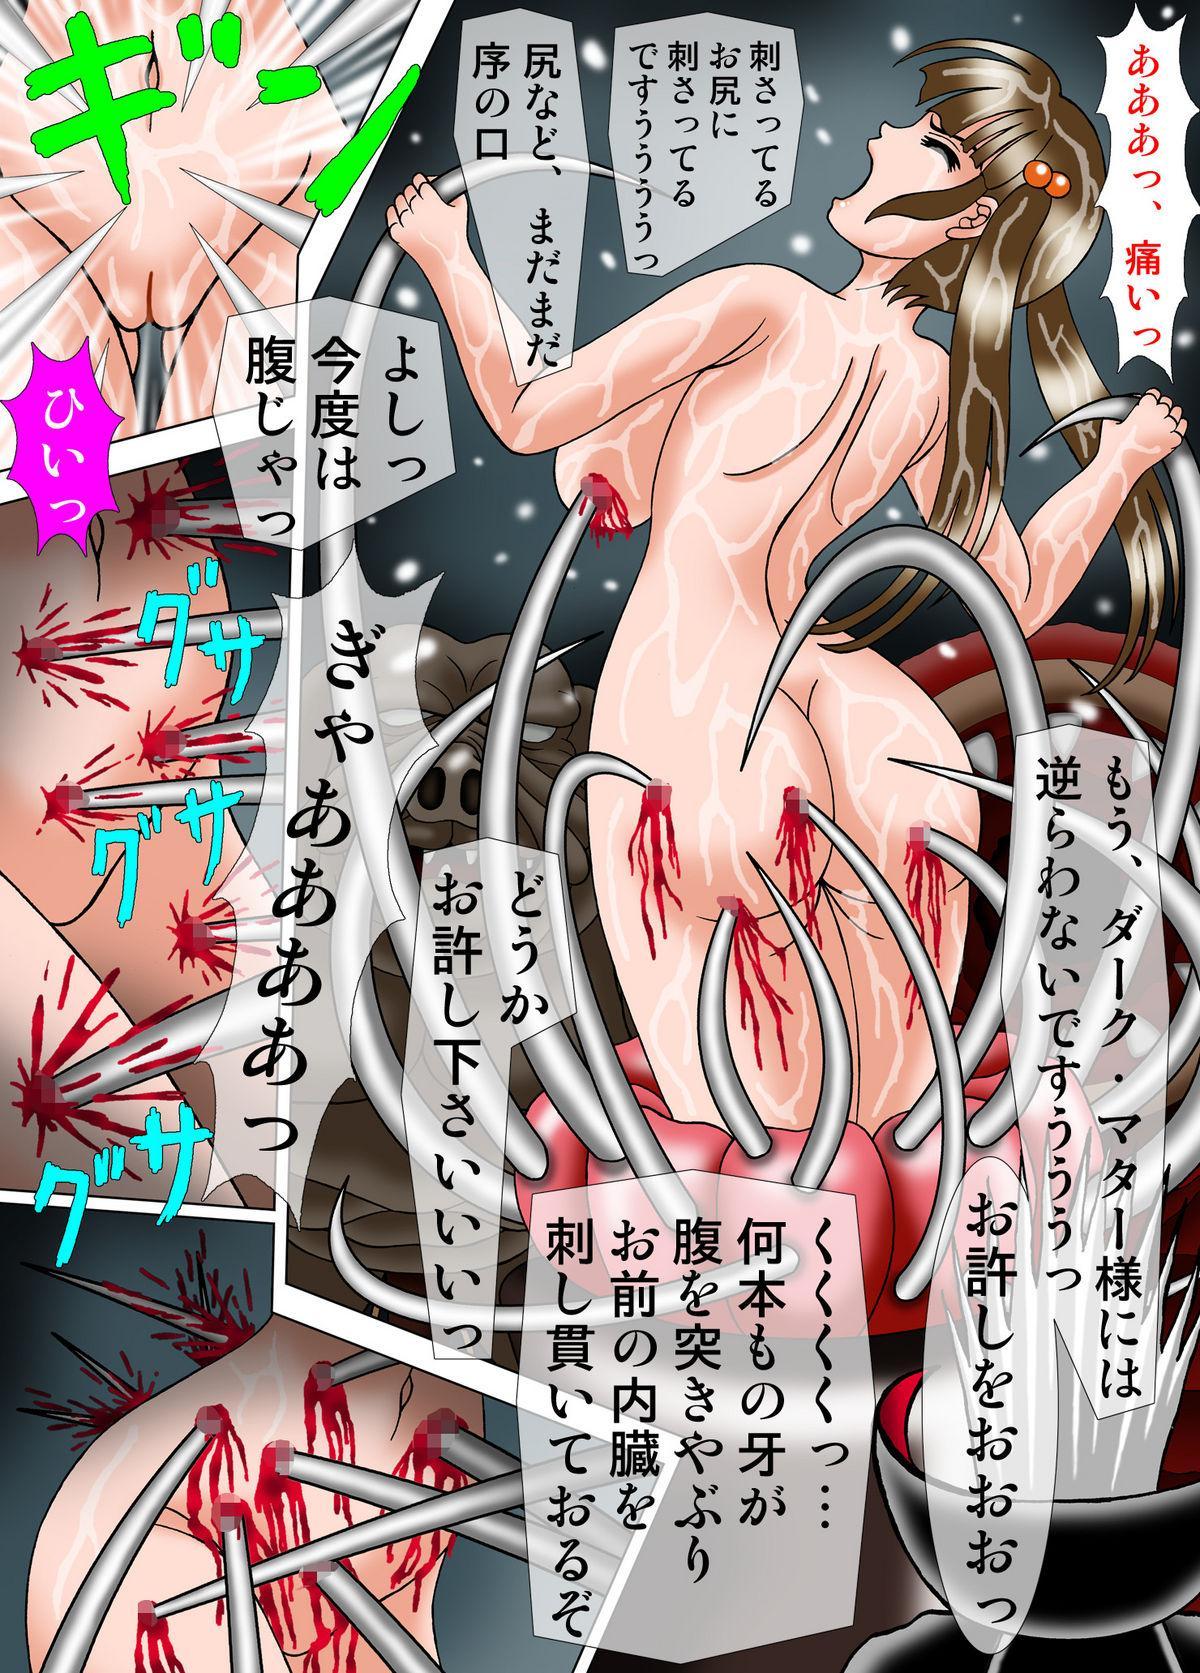 Kiyoshi Onna Sentai Buru Mariasu 6 26